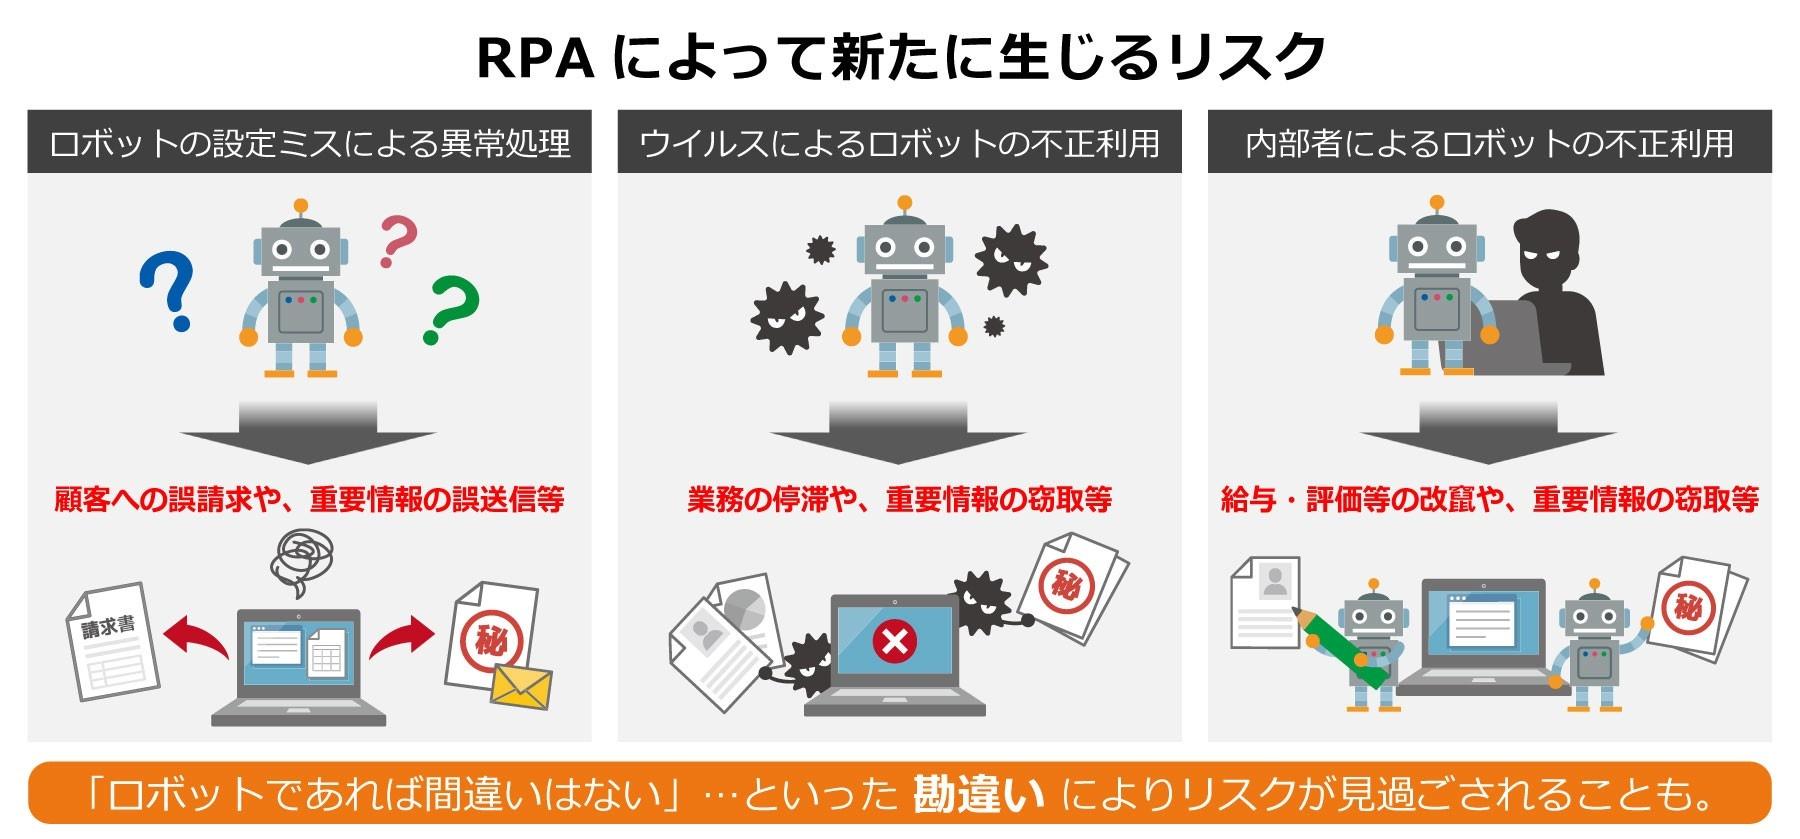 SecureSketCH_RPA_01